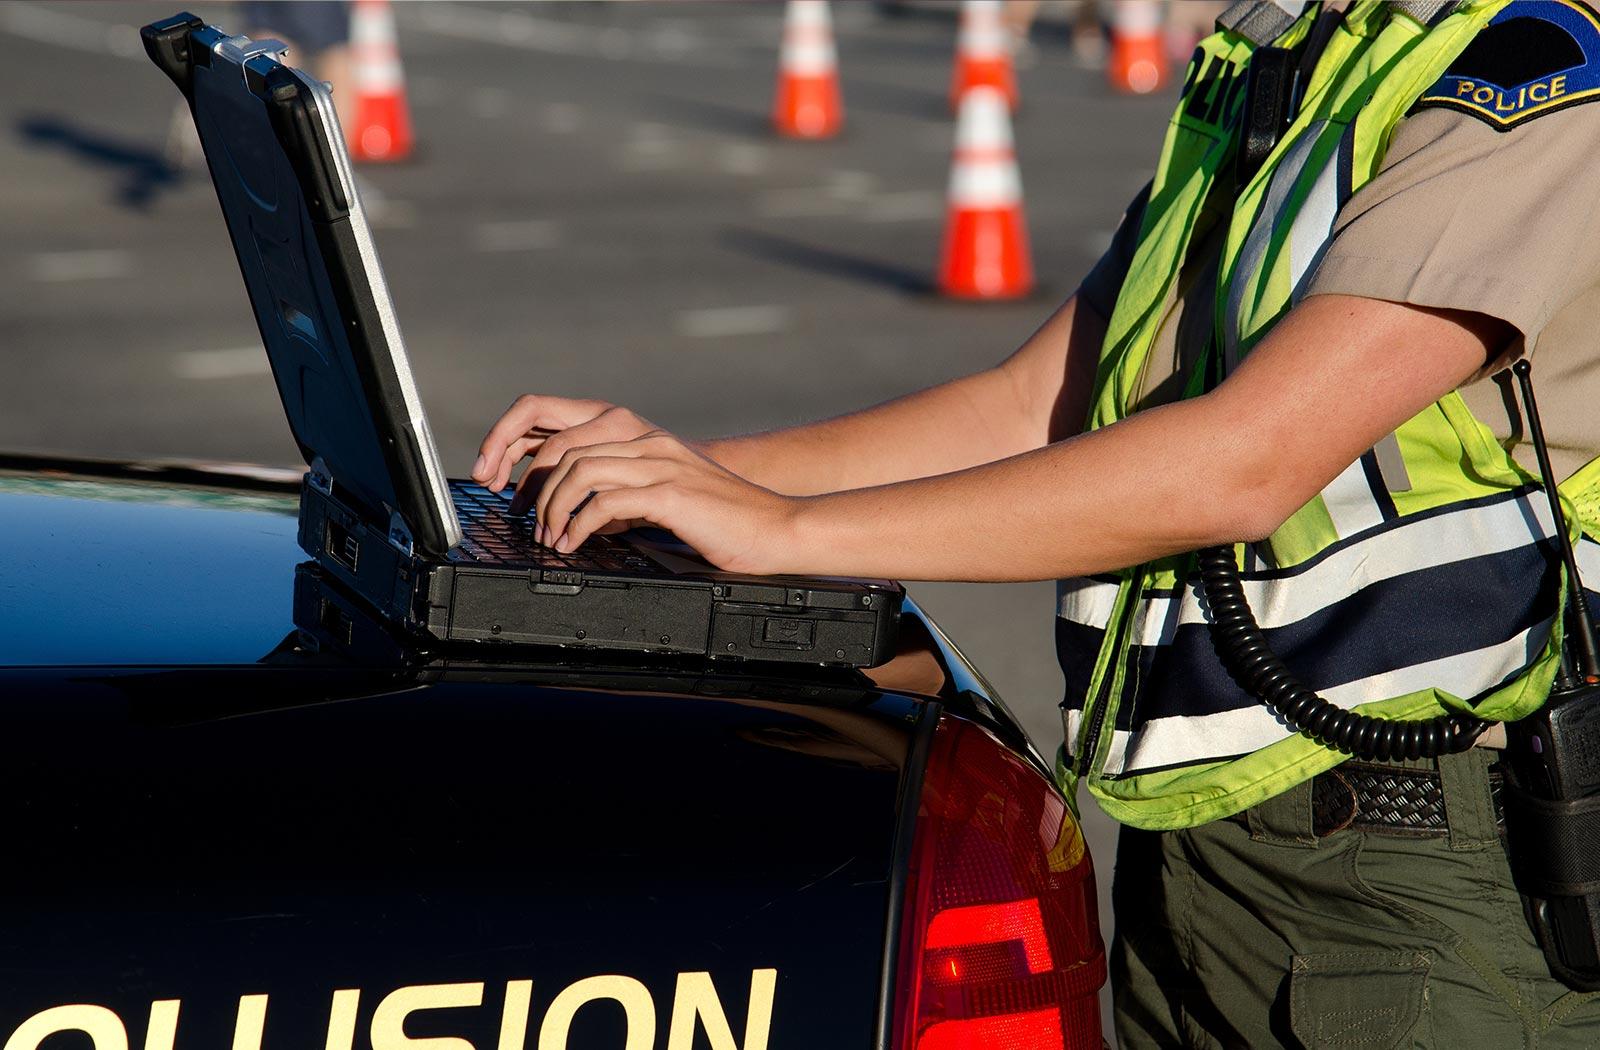 Un oficial de seguridad pública trabajando en un portátil que se apoya en un coche